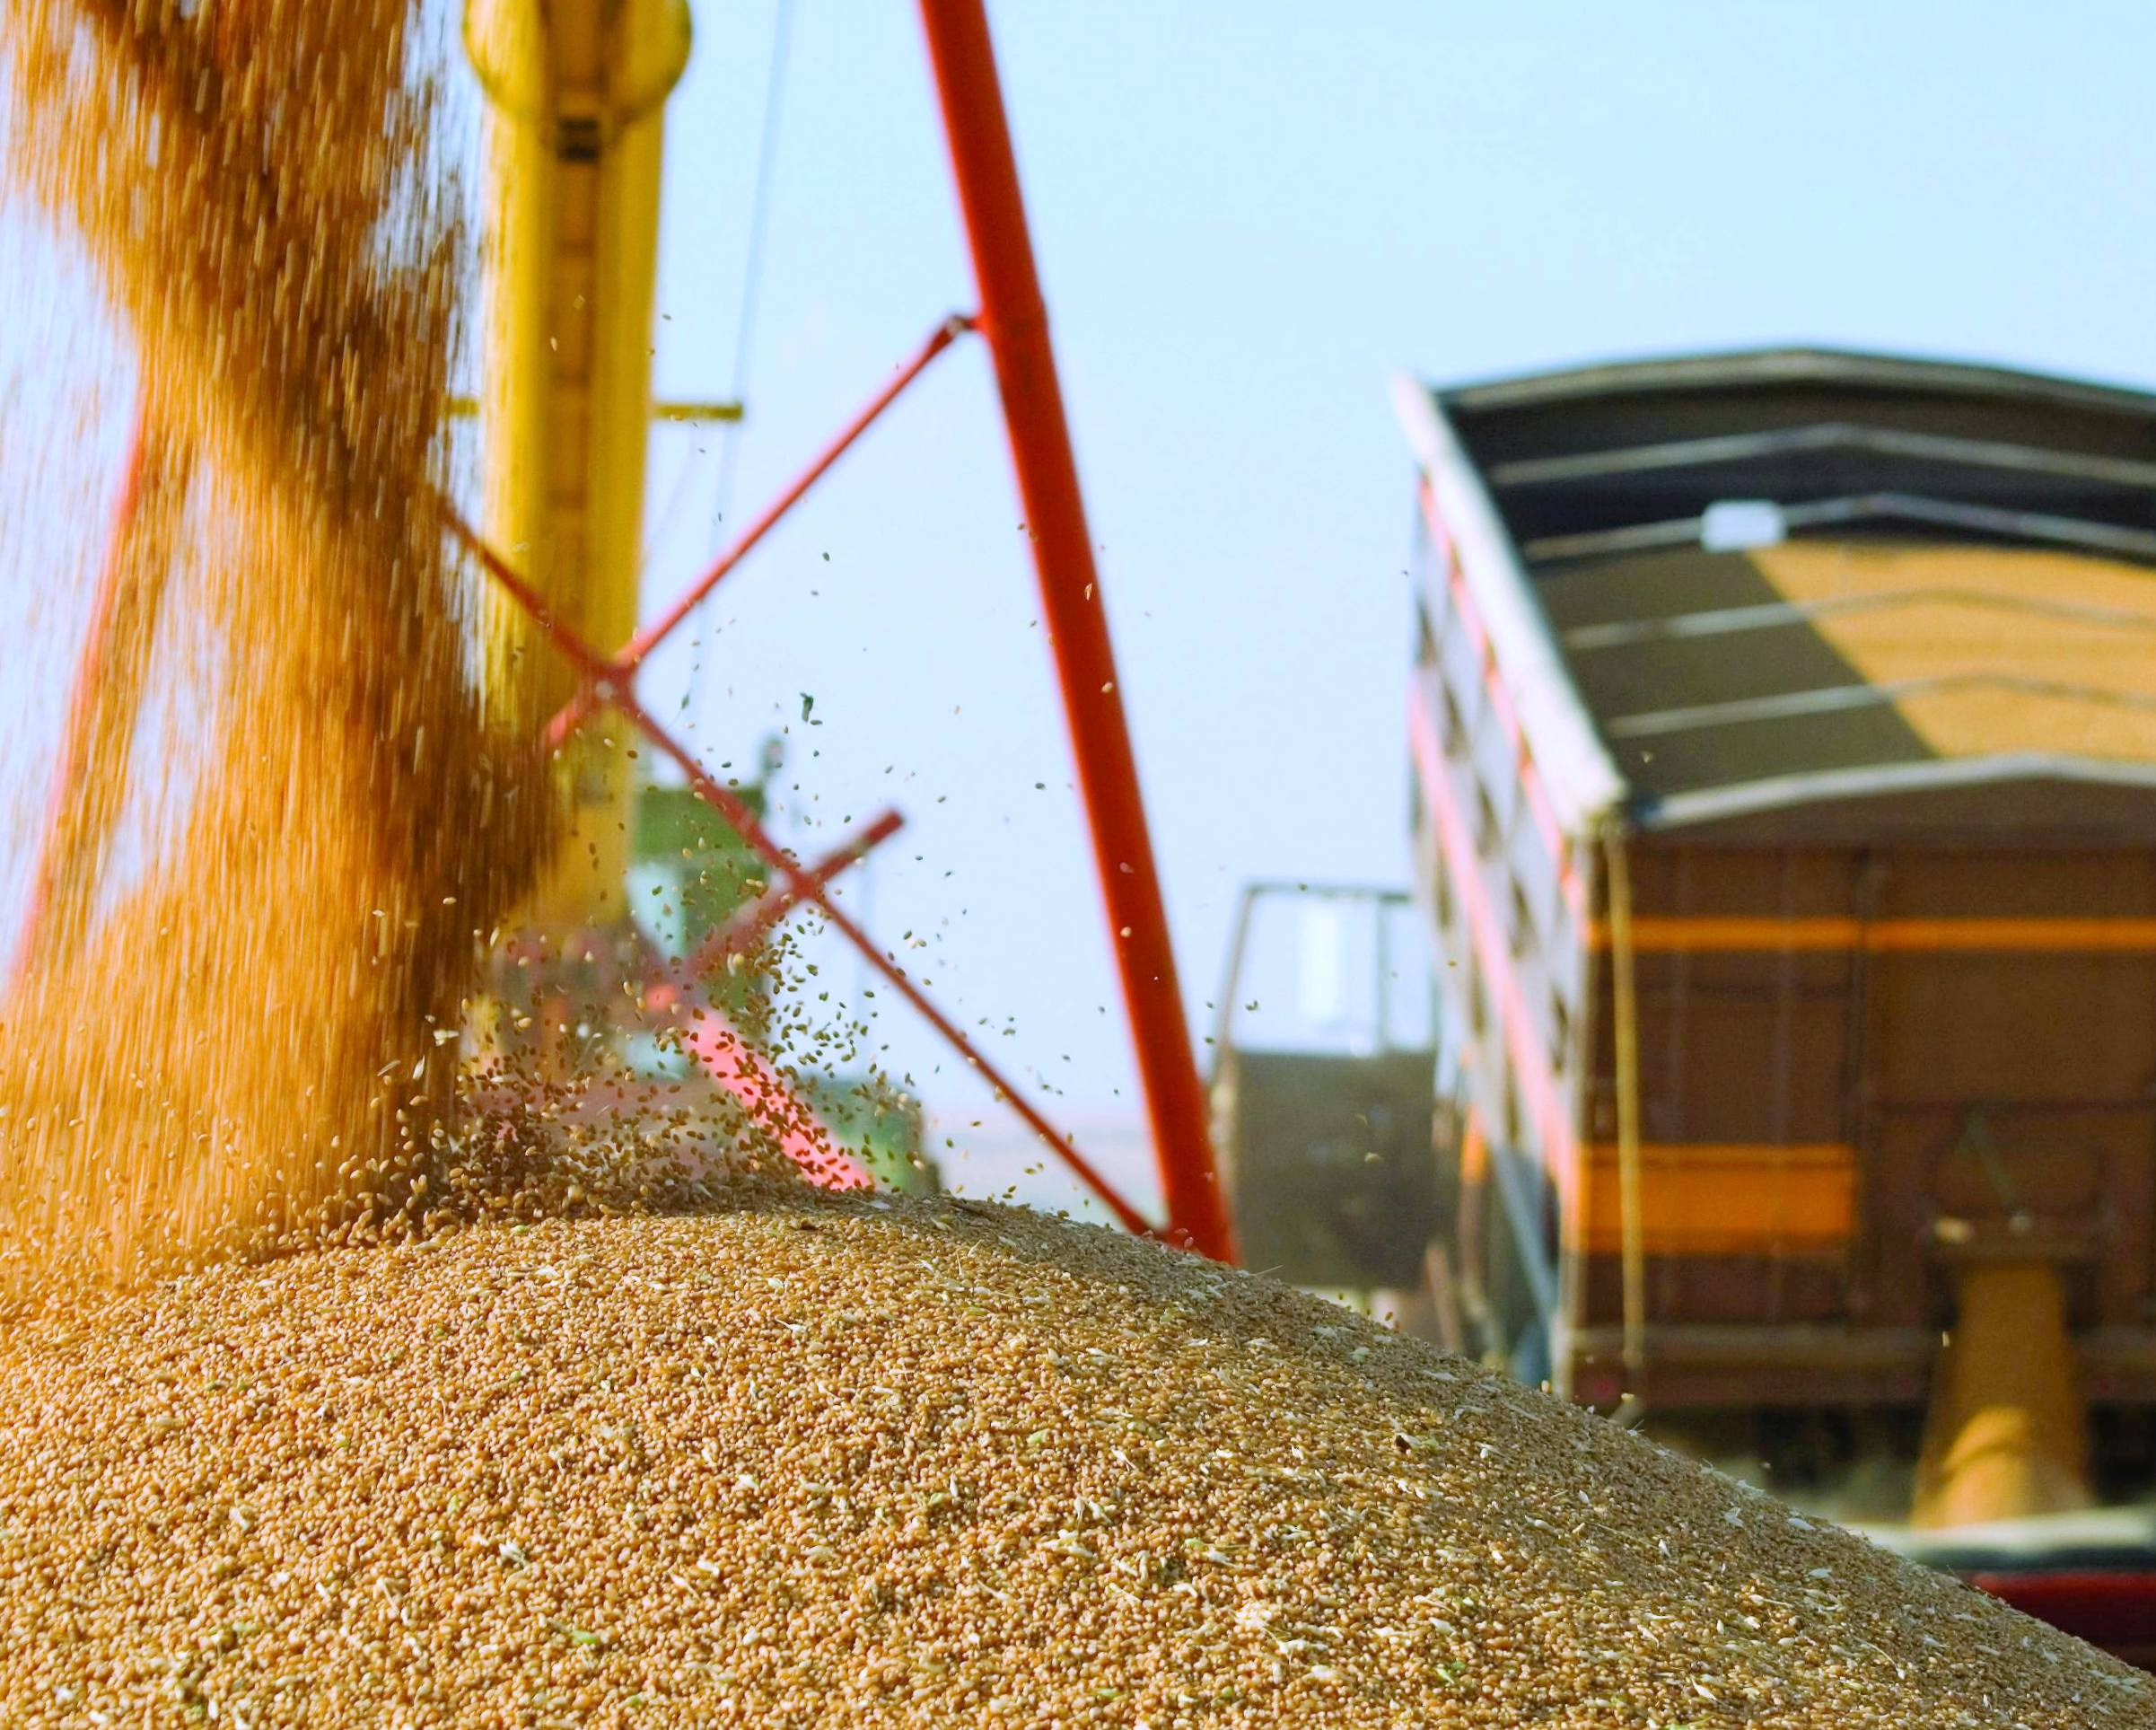 РФ снизила экспорт зерна